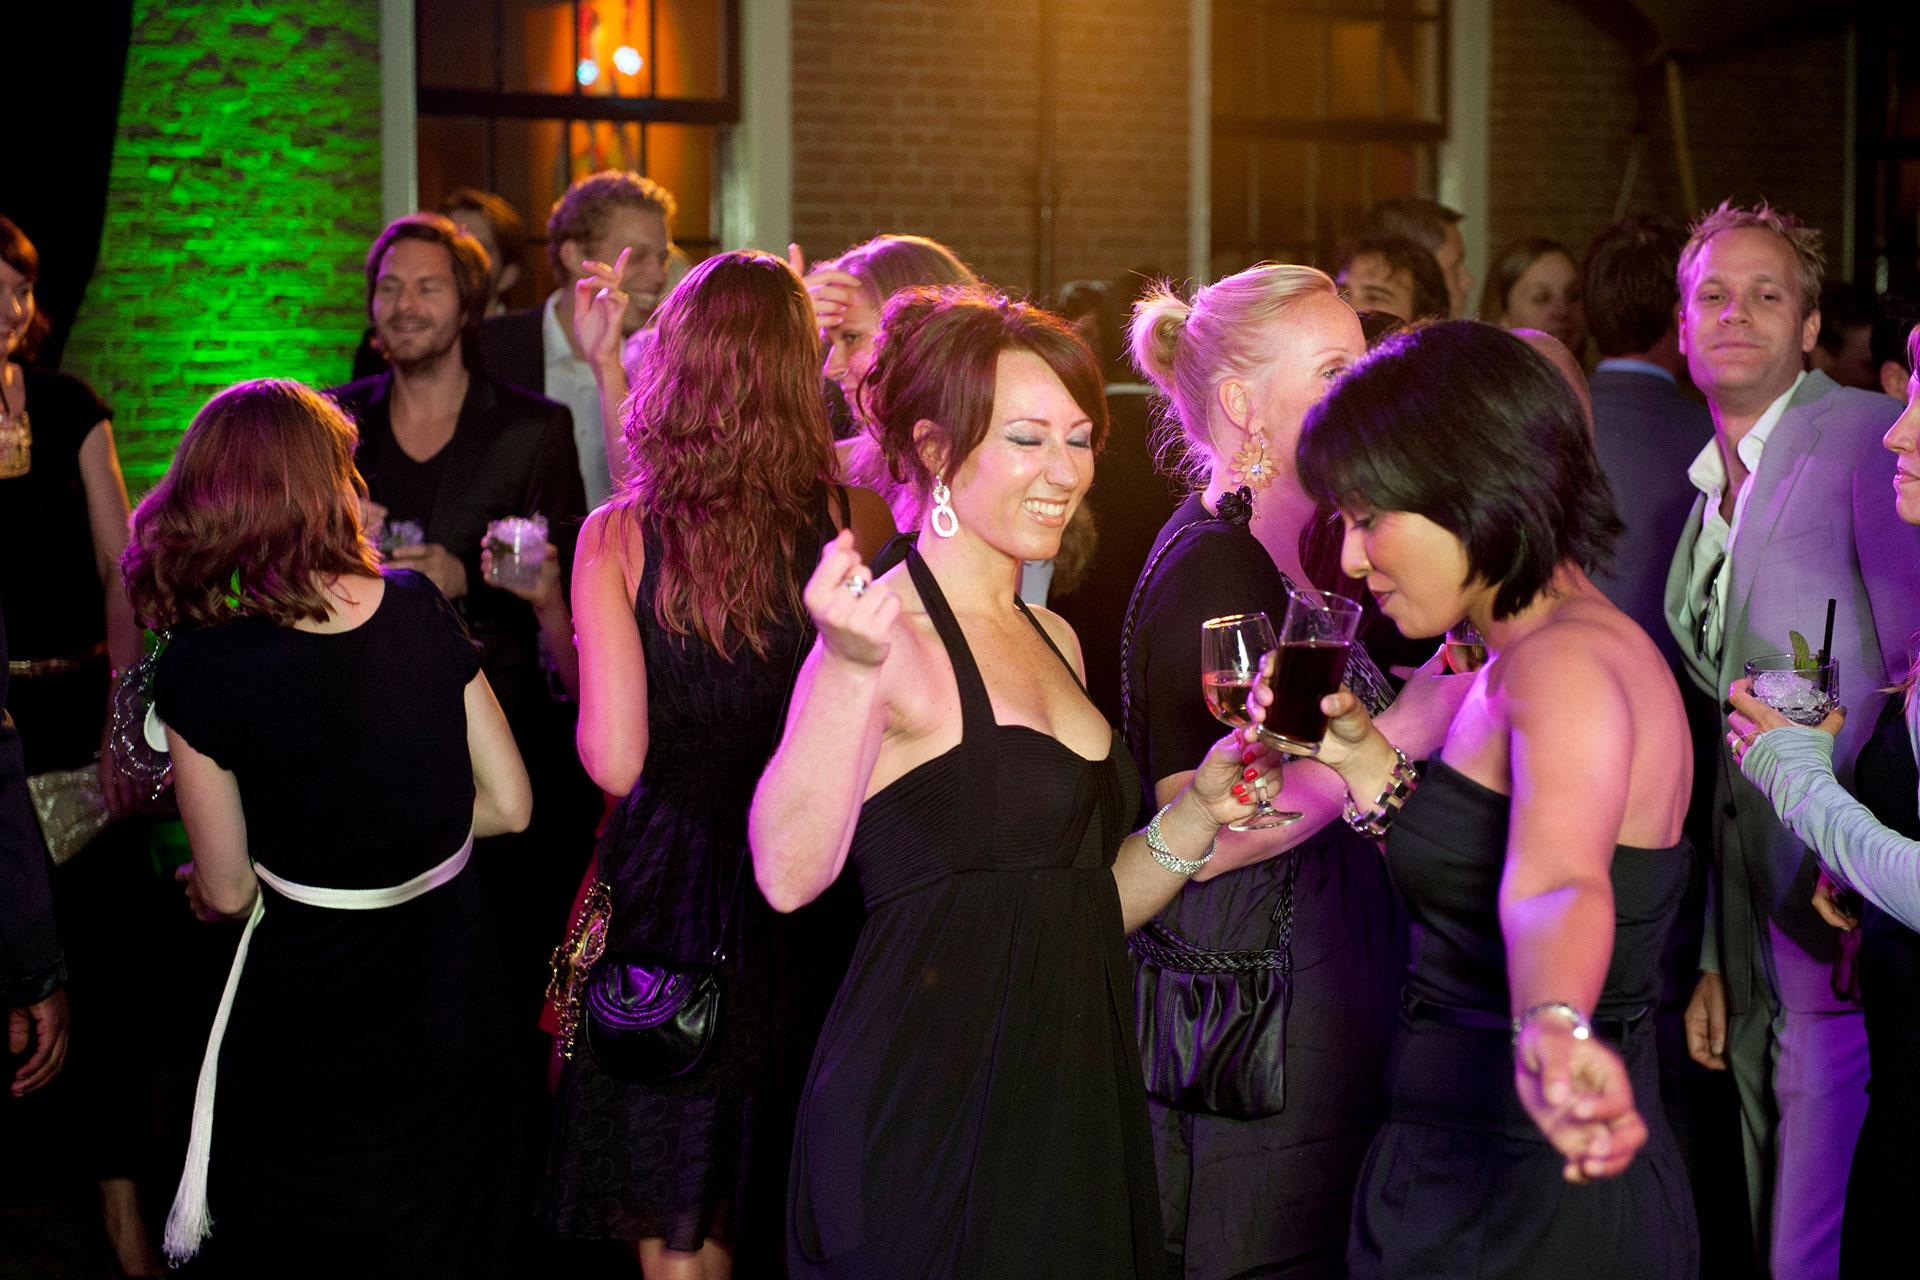 Dansen feesten kasteel woerden bedrijfsfeest feestlocatie in randstad accommodatie dichtbij amsterdam rotterdam den haag feestlocatie bedrijfsfeest personeelsfeest binnenplaats zakelijk event sfeervol bijzonder